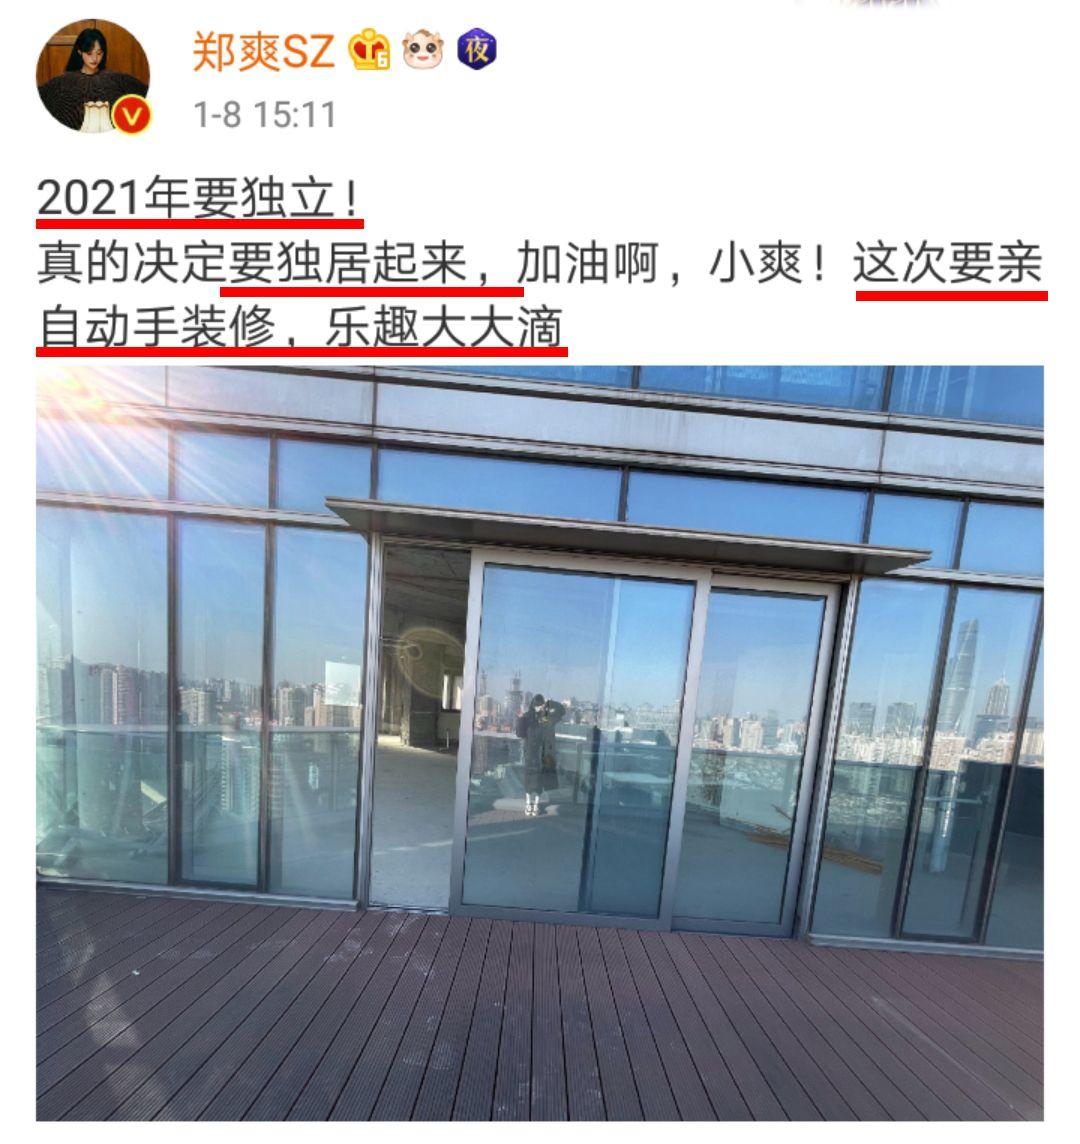 郑爽晒豪宅称要独居,看完位置网友不淡定,其实这是她第三套豪宅